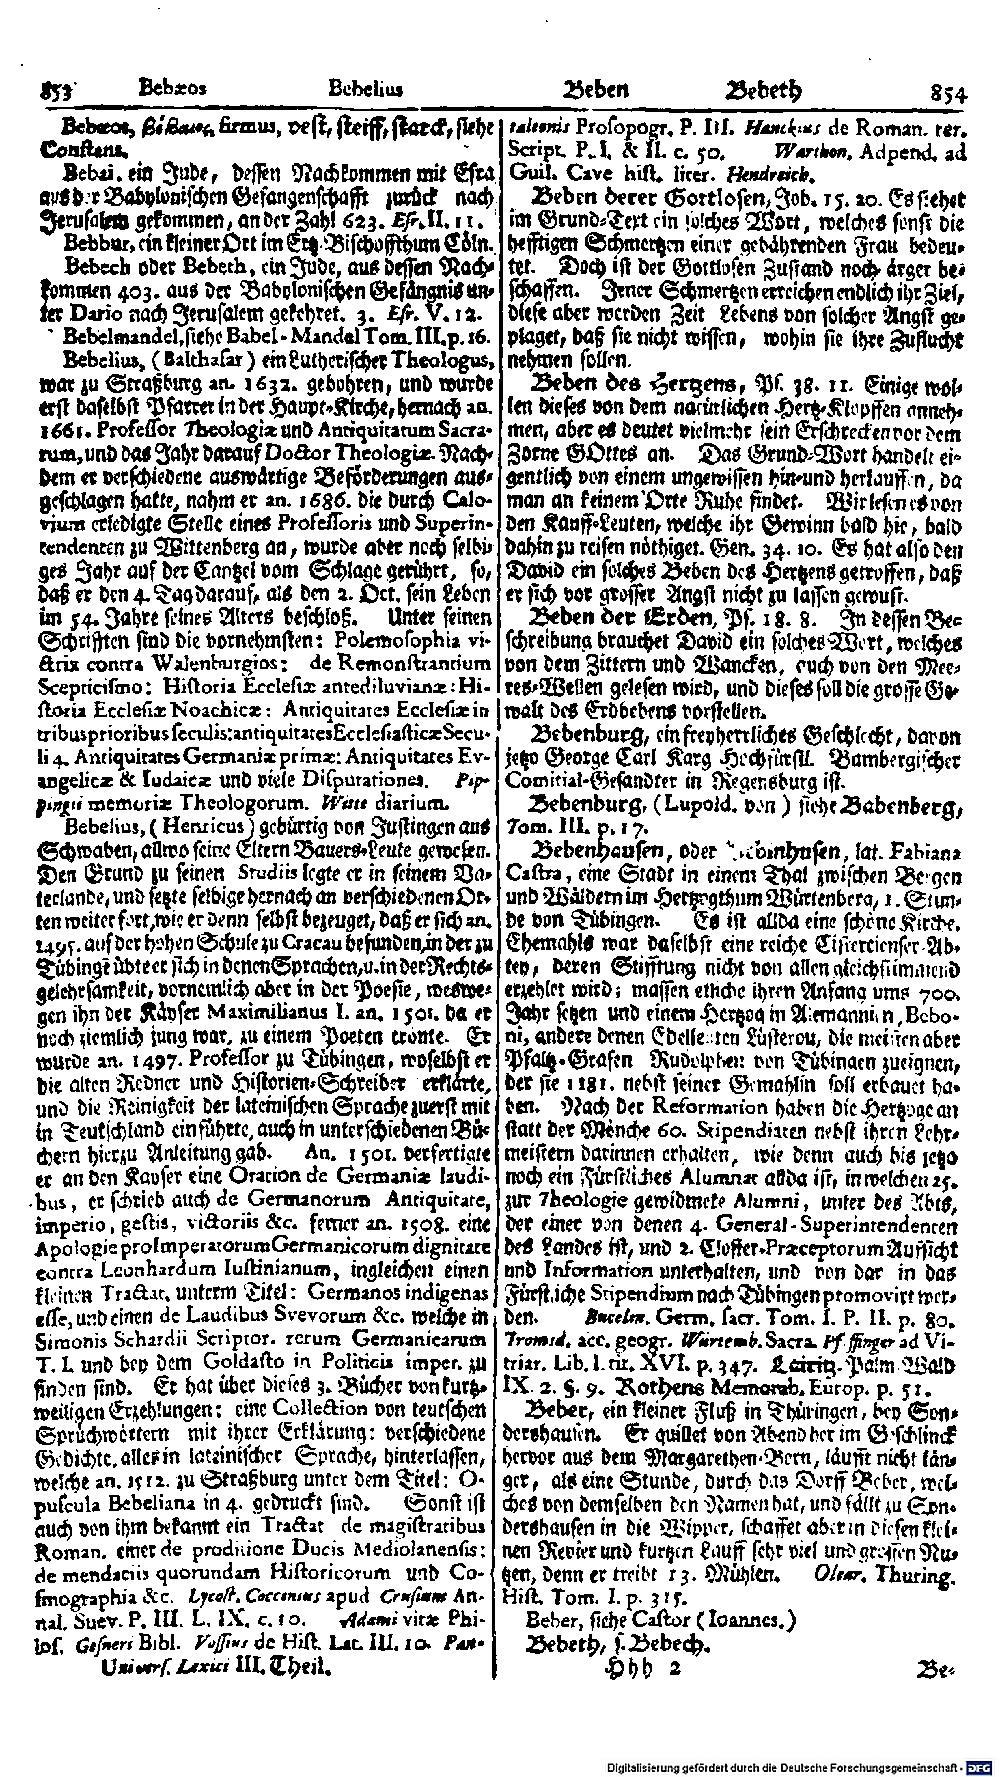 Bd. 3, Seite 0442.